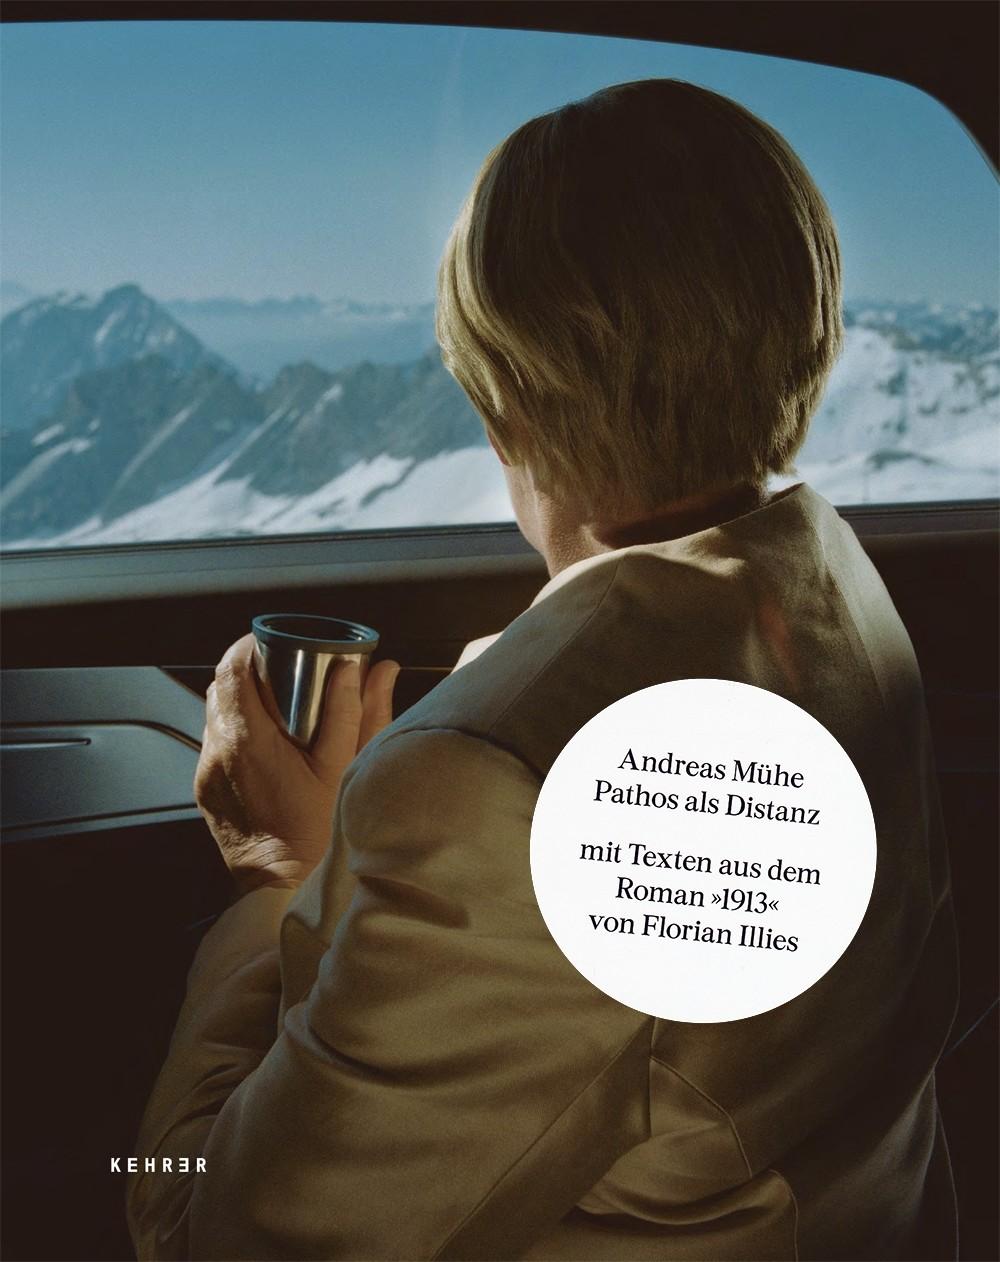 Andreas Mühe Pathos als Distanz Deutsche Ausgabe